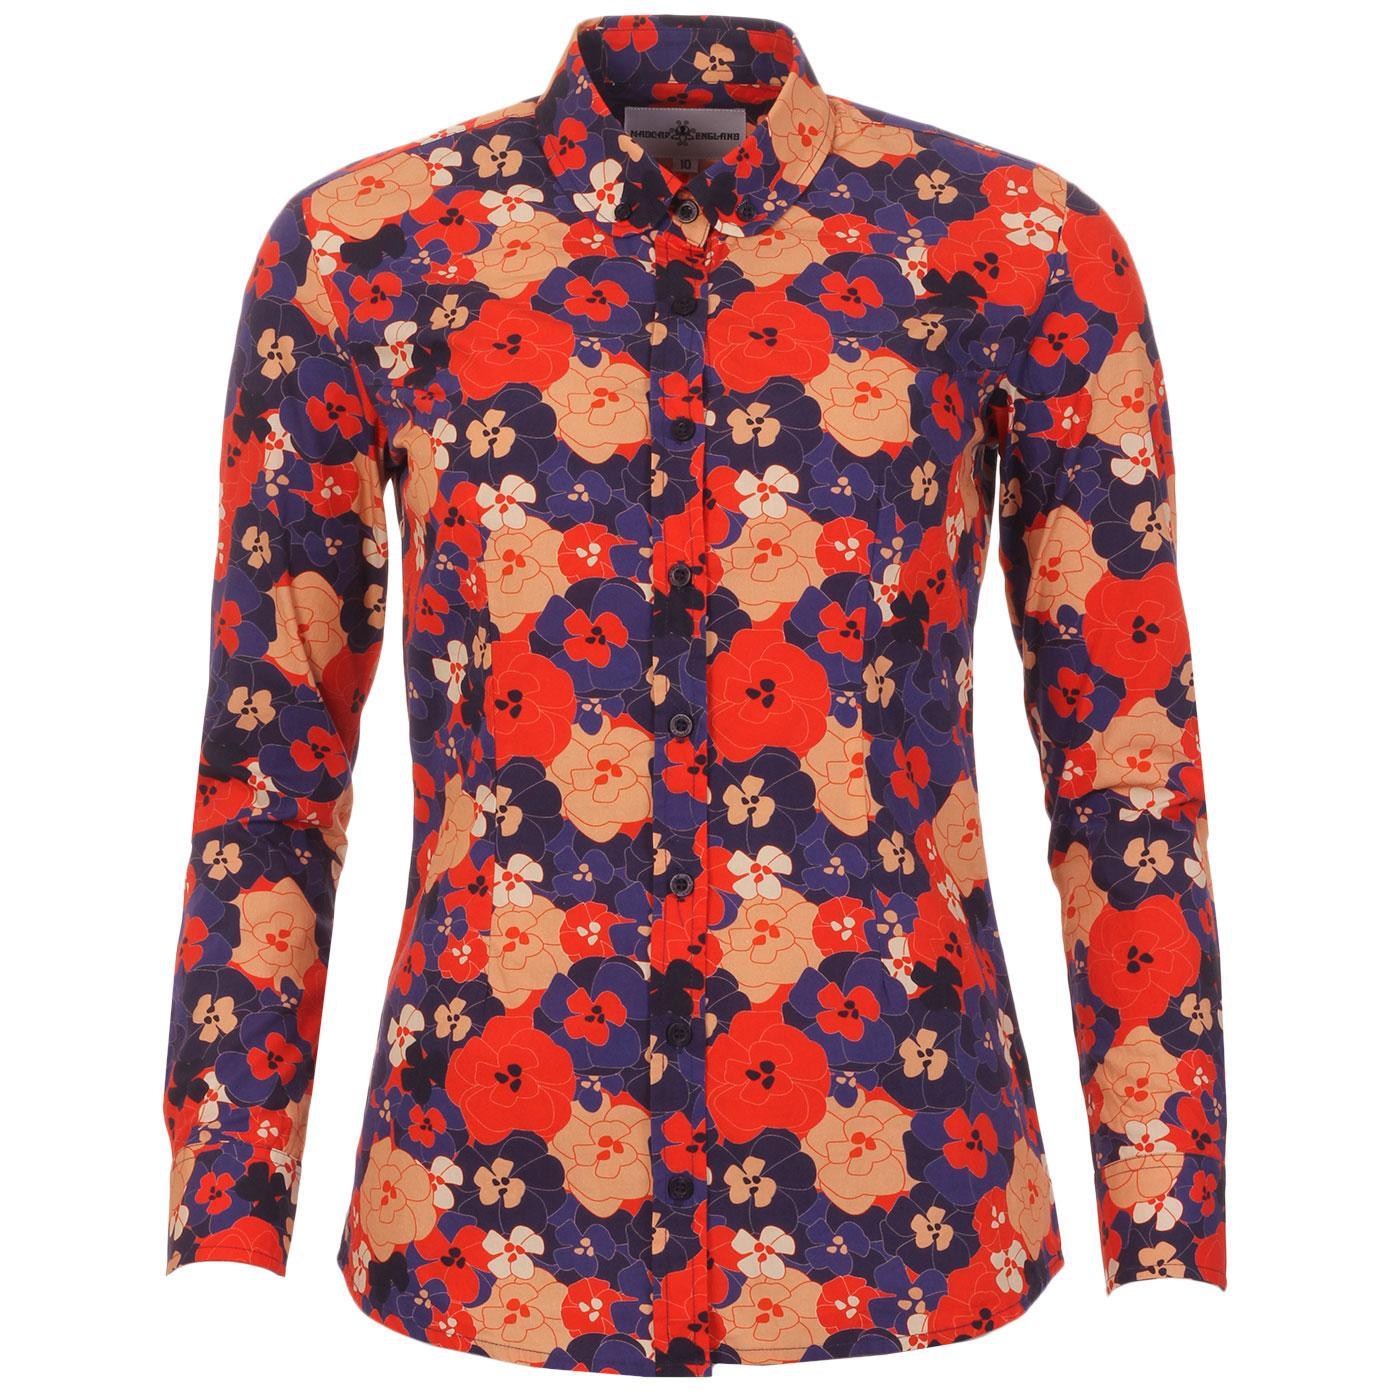 Madcap England Women's Retro 60s Mod Big Floral Print Shirt